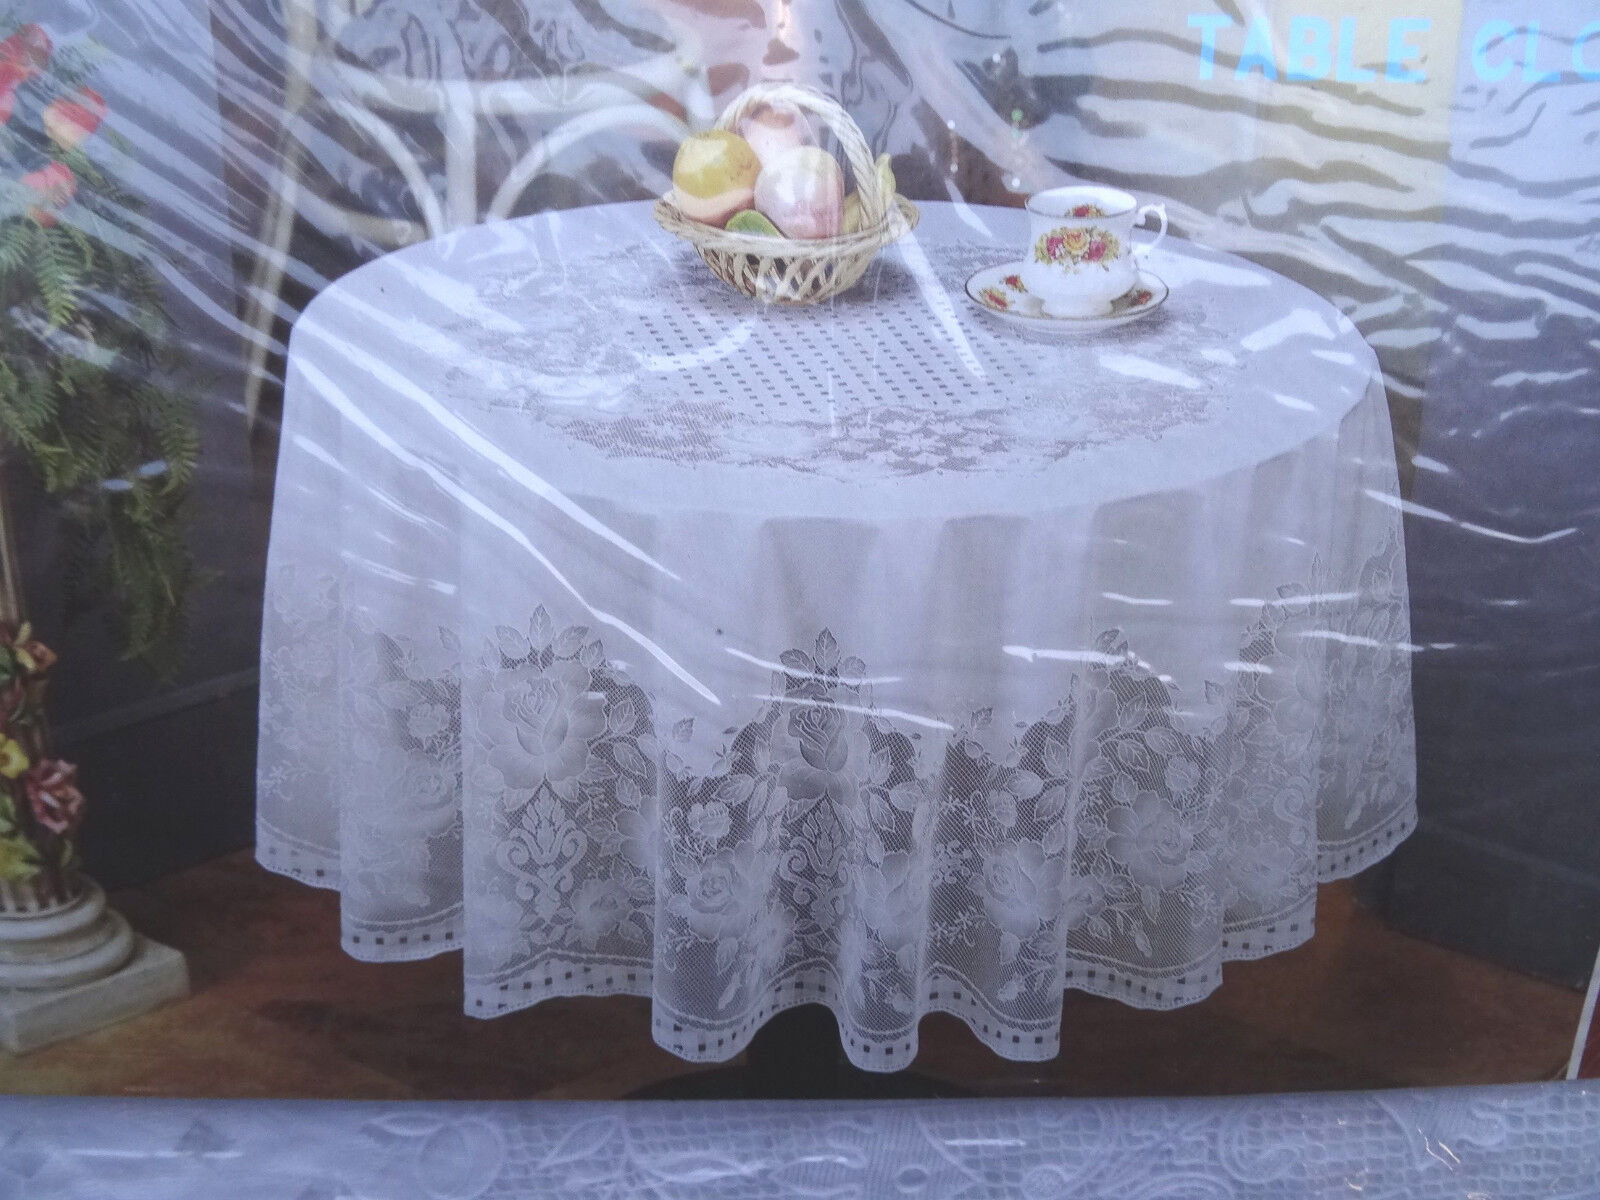 180 cm rund wei tischdecke rund schutzdecke balkon garten blumenmotiv vinyl ebay. Black Bedroom Furniture Sets. Home Design Ideas